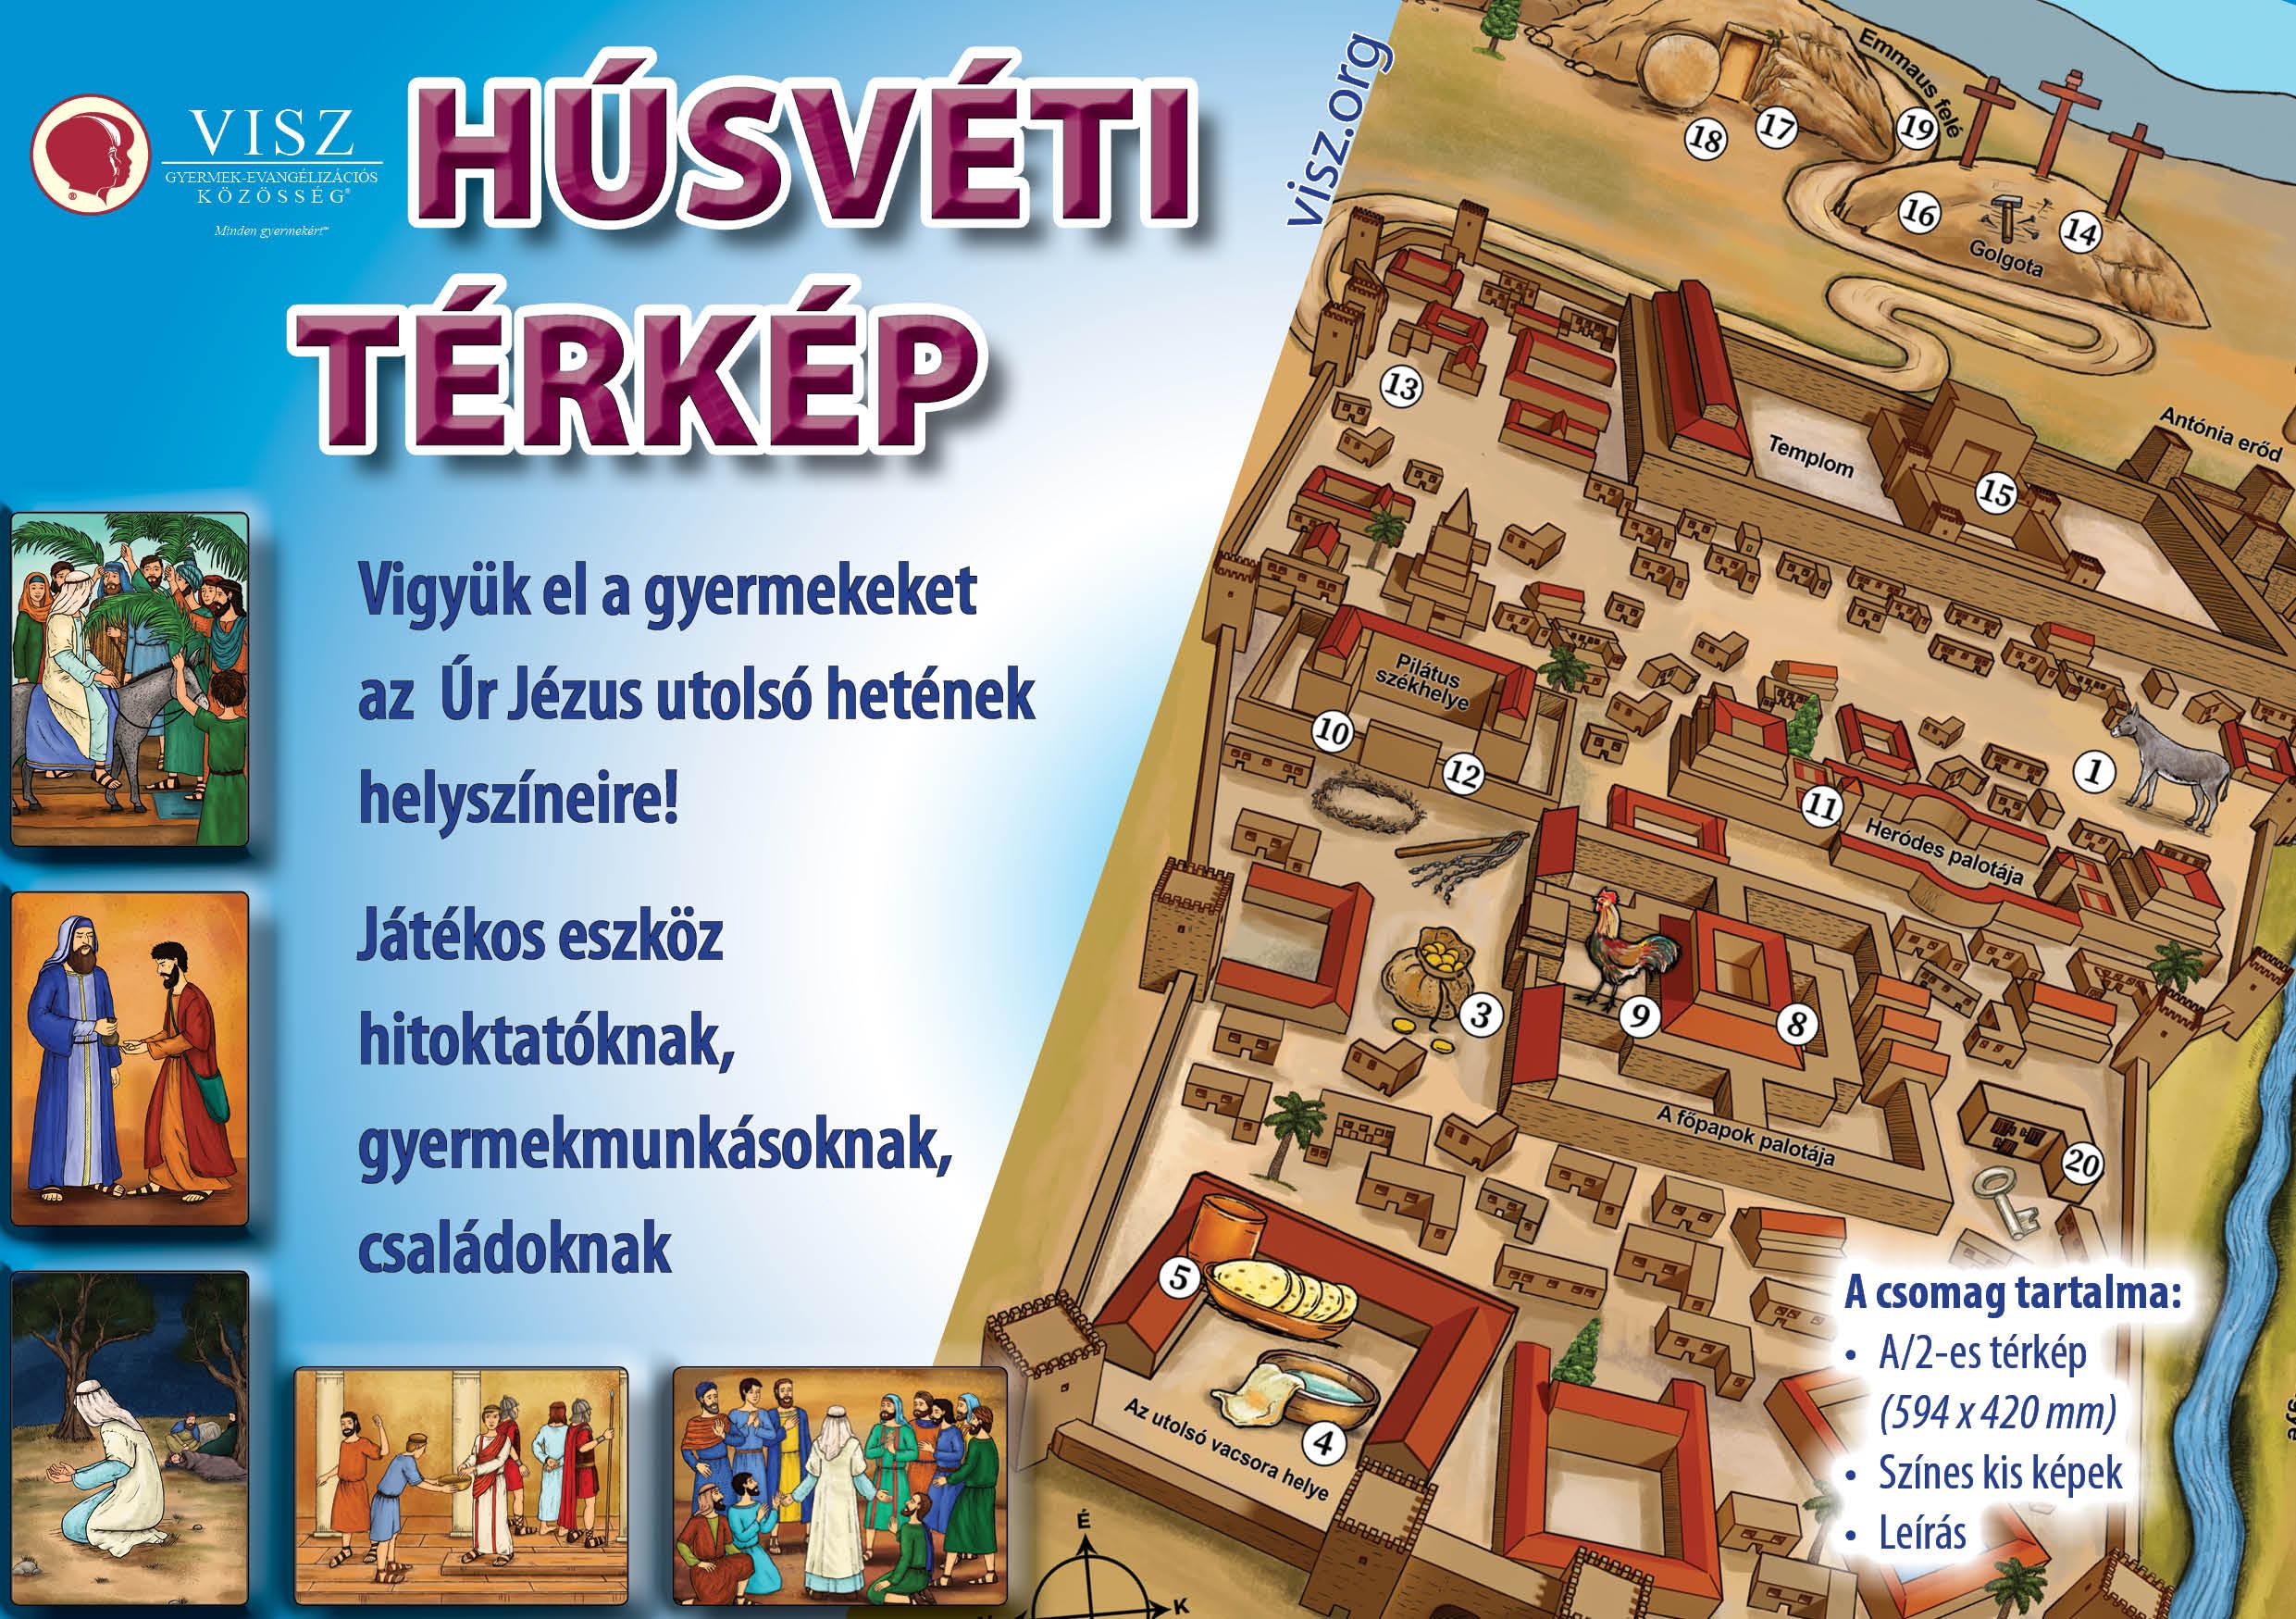 Húsvéti térkép Reklám